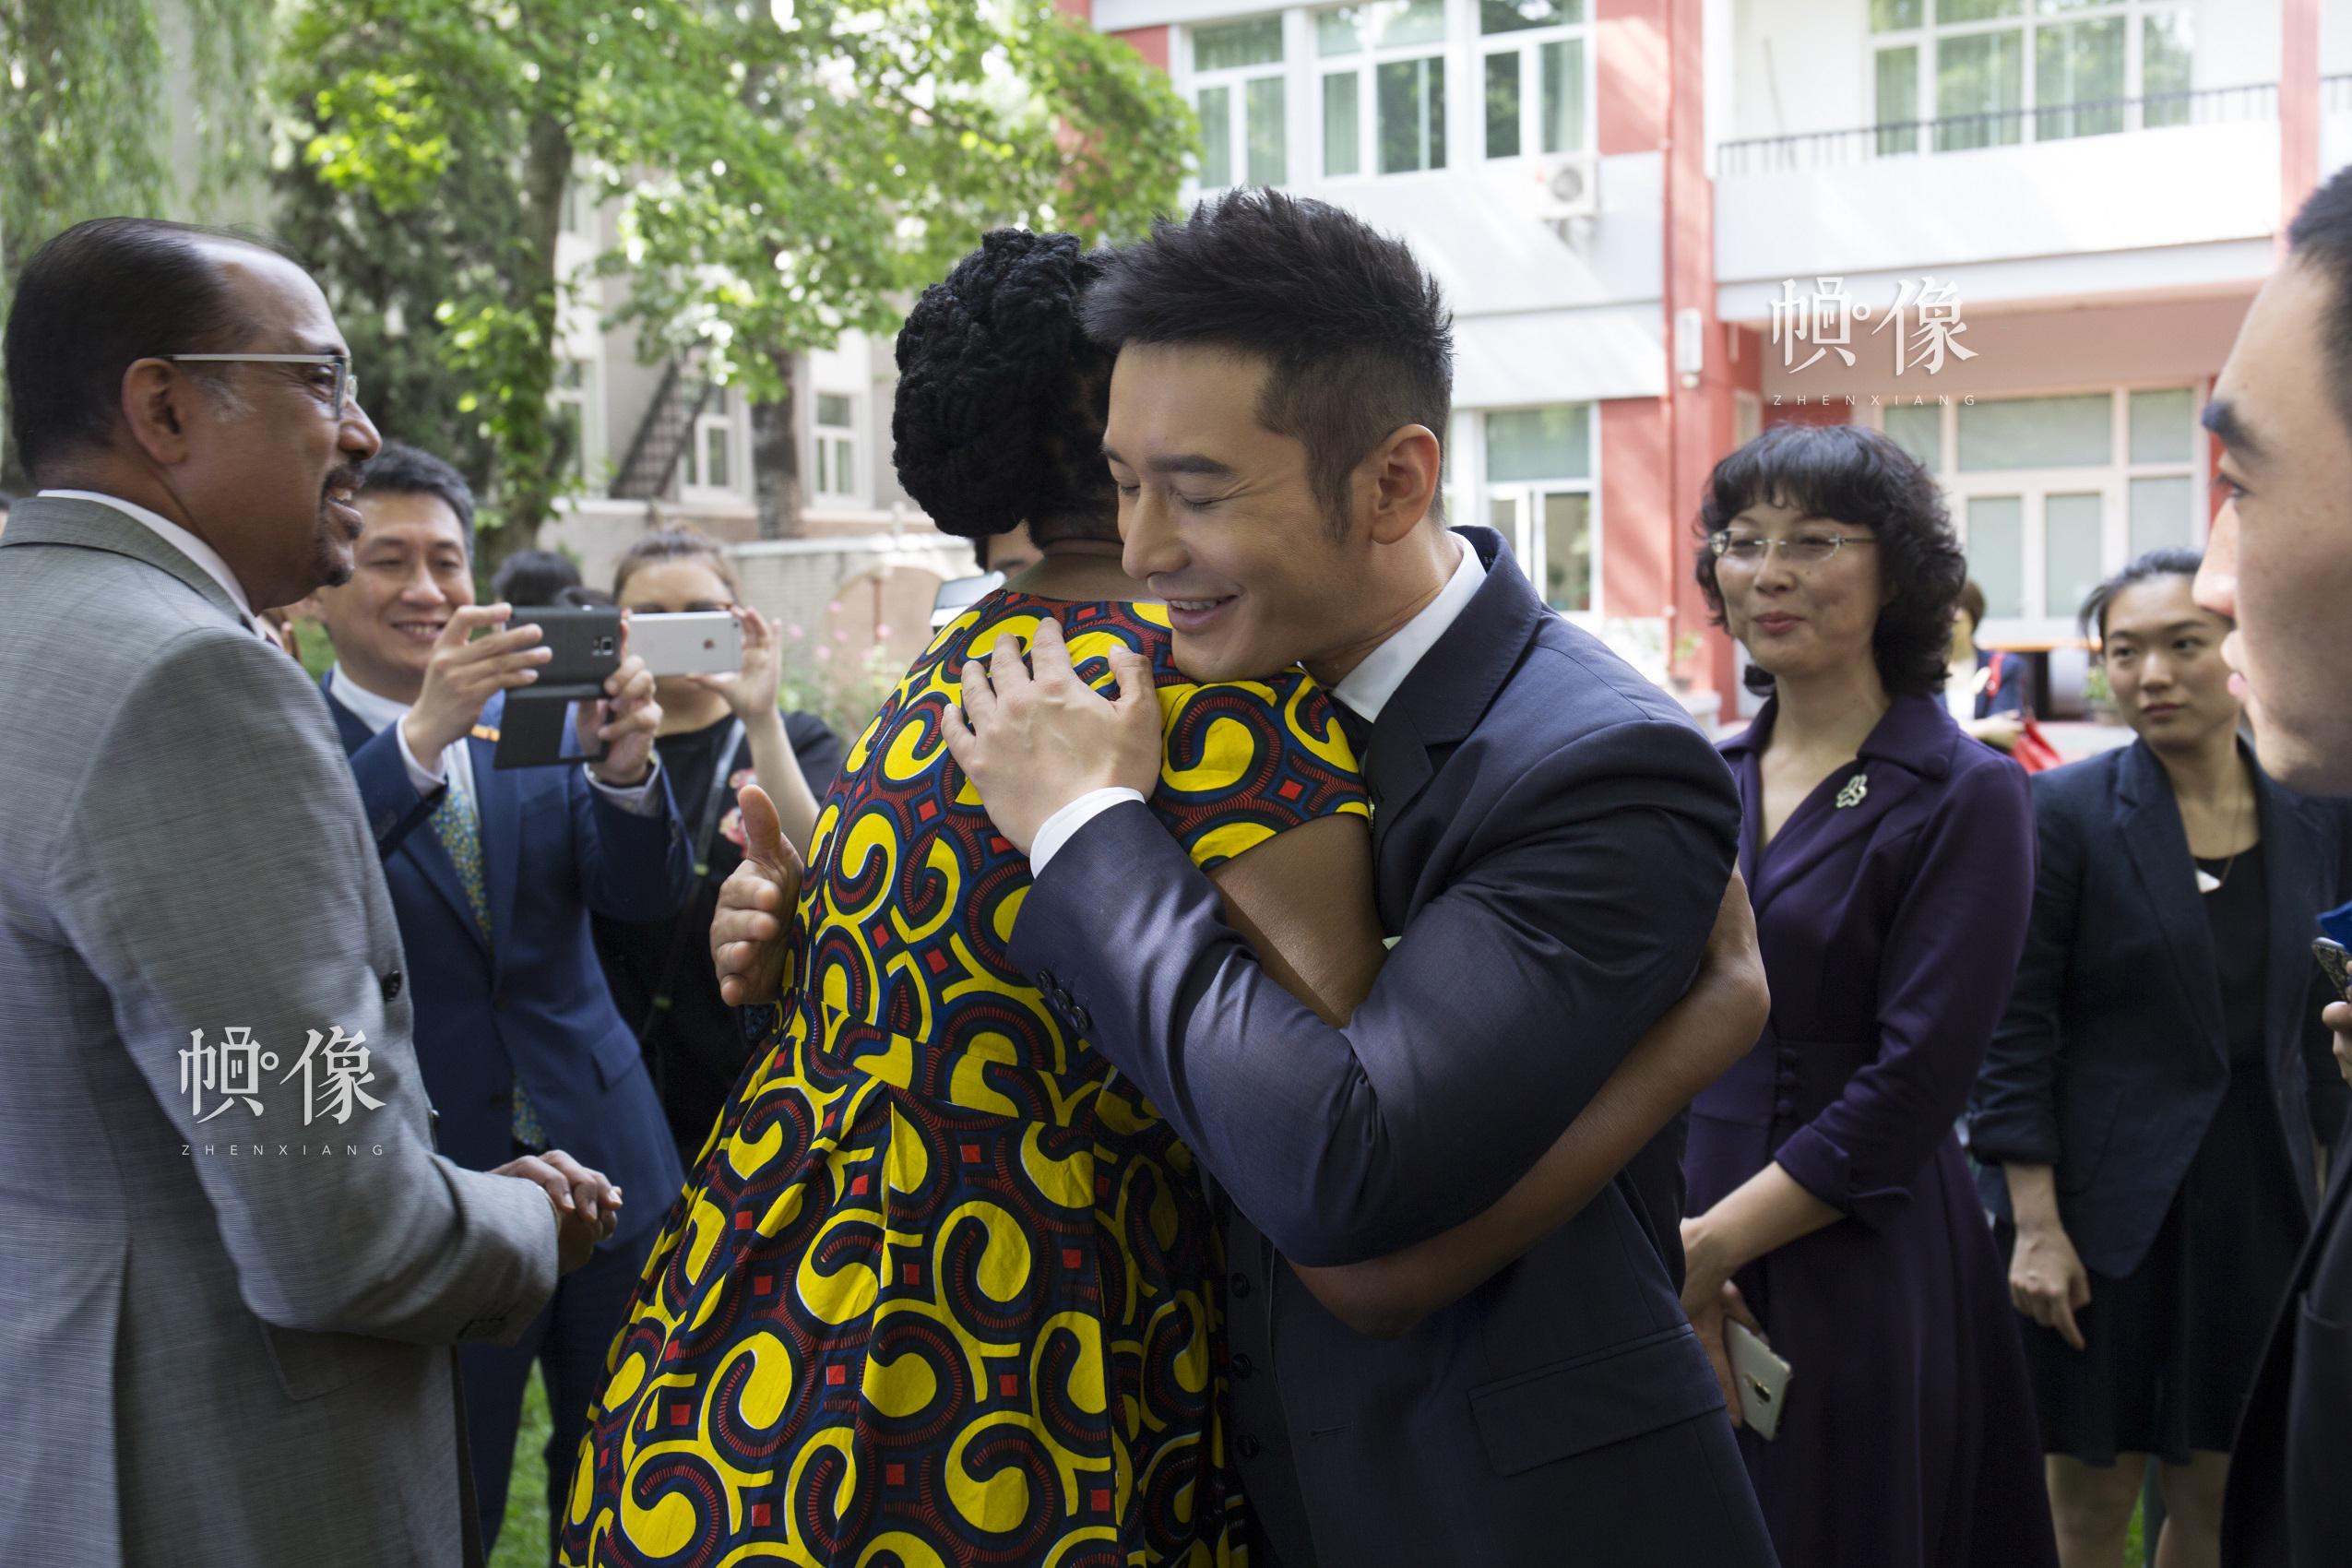 黃曉明與聯合國艾滋病規劃署駐華辦事處代表蘇凱琳博士擁抱告別。中國網記者 高南 攝